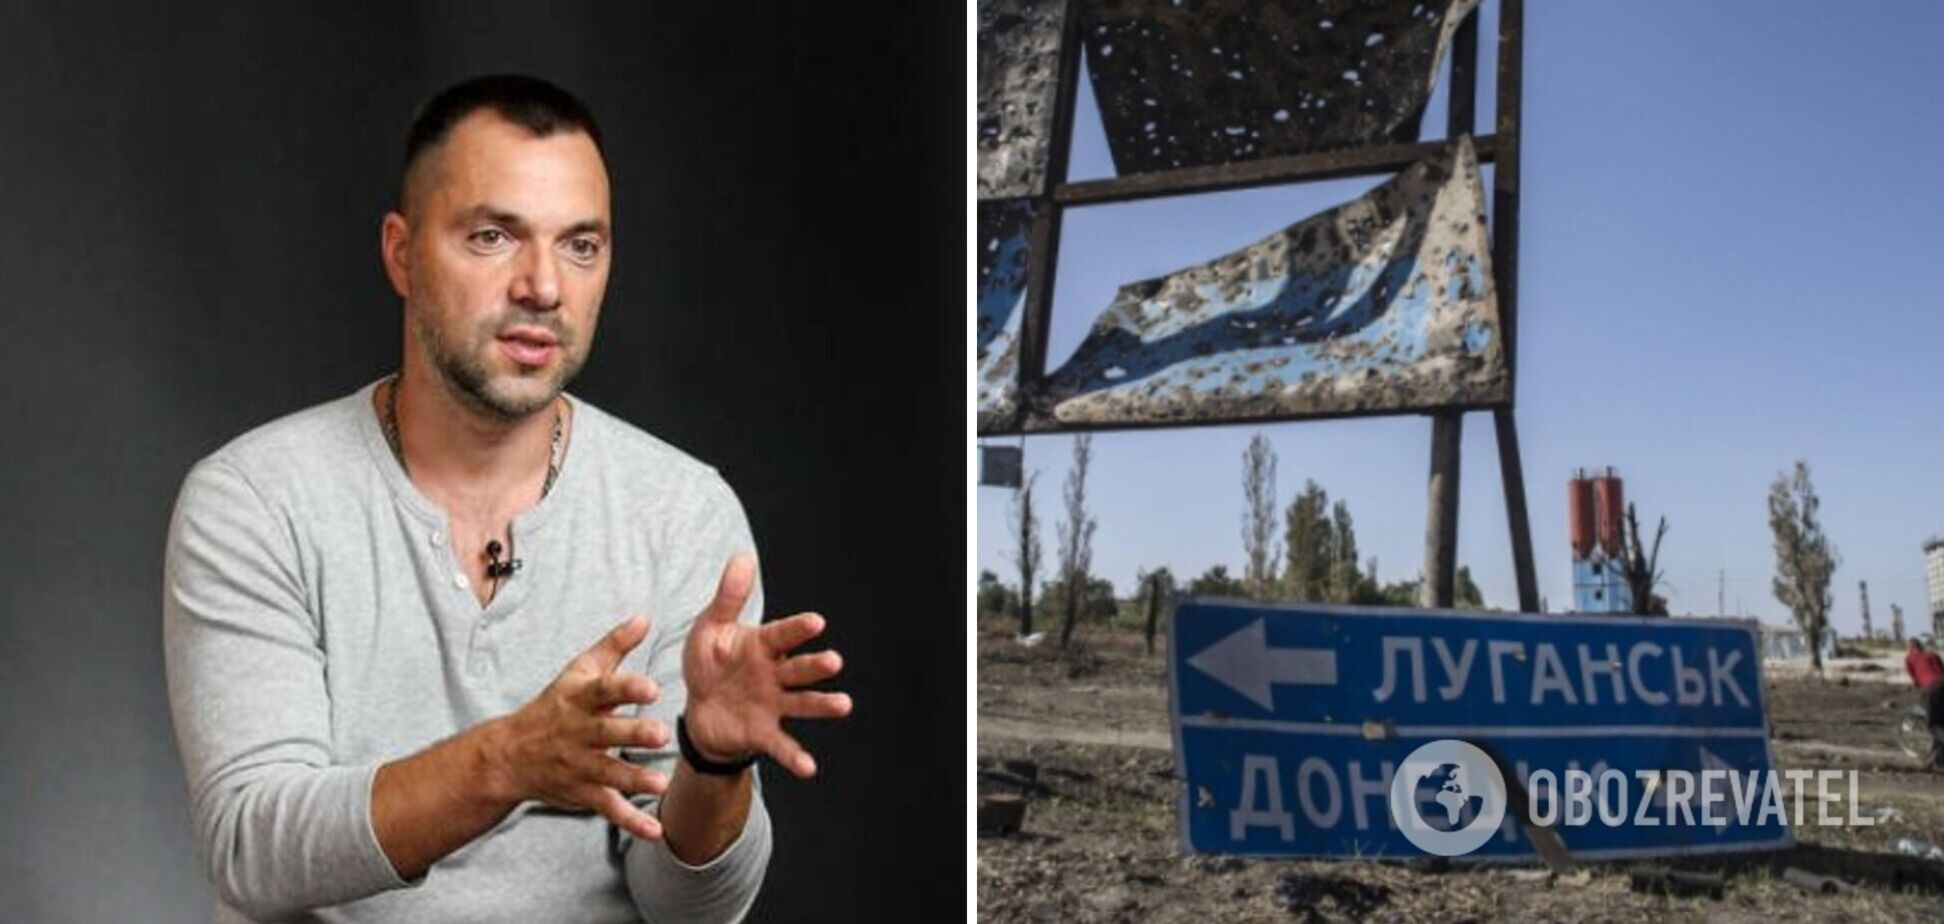 Засідання ТКГ не перенесуть у Польщу: Арестович озвучив інші варіанти